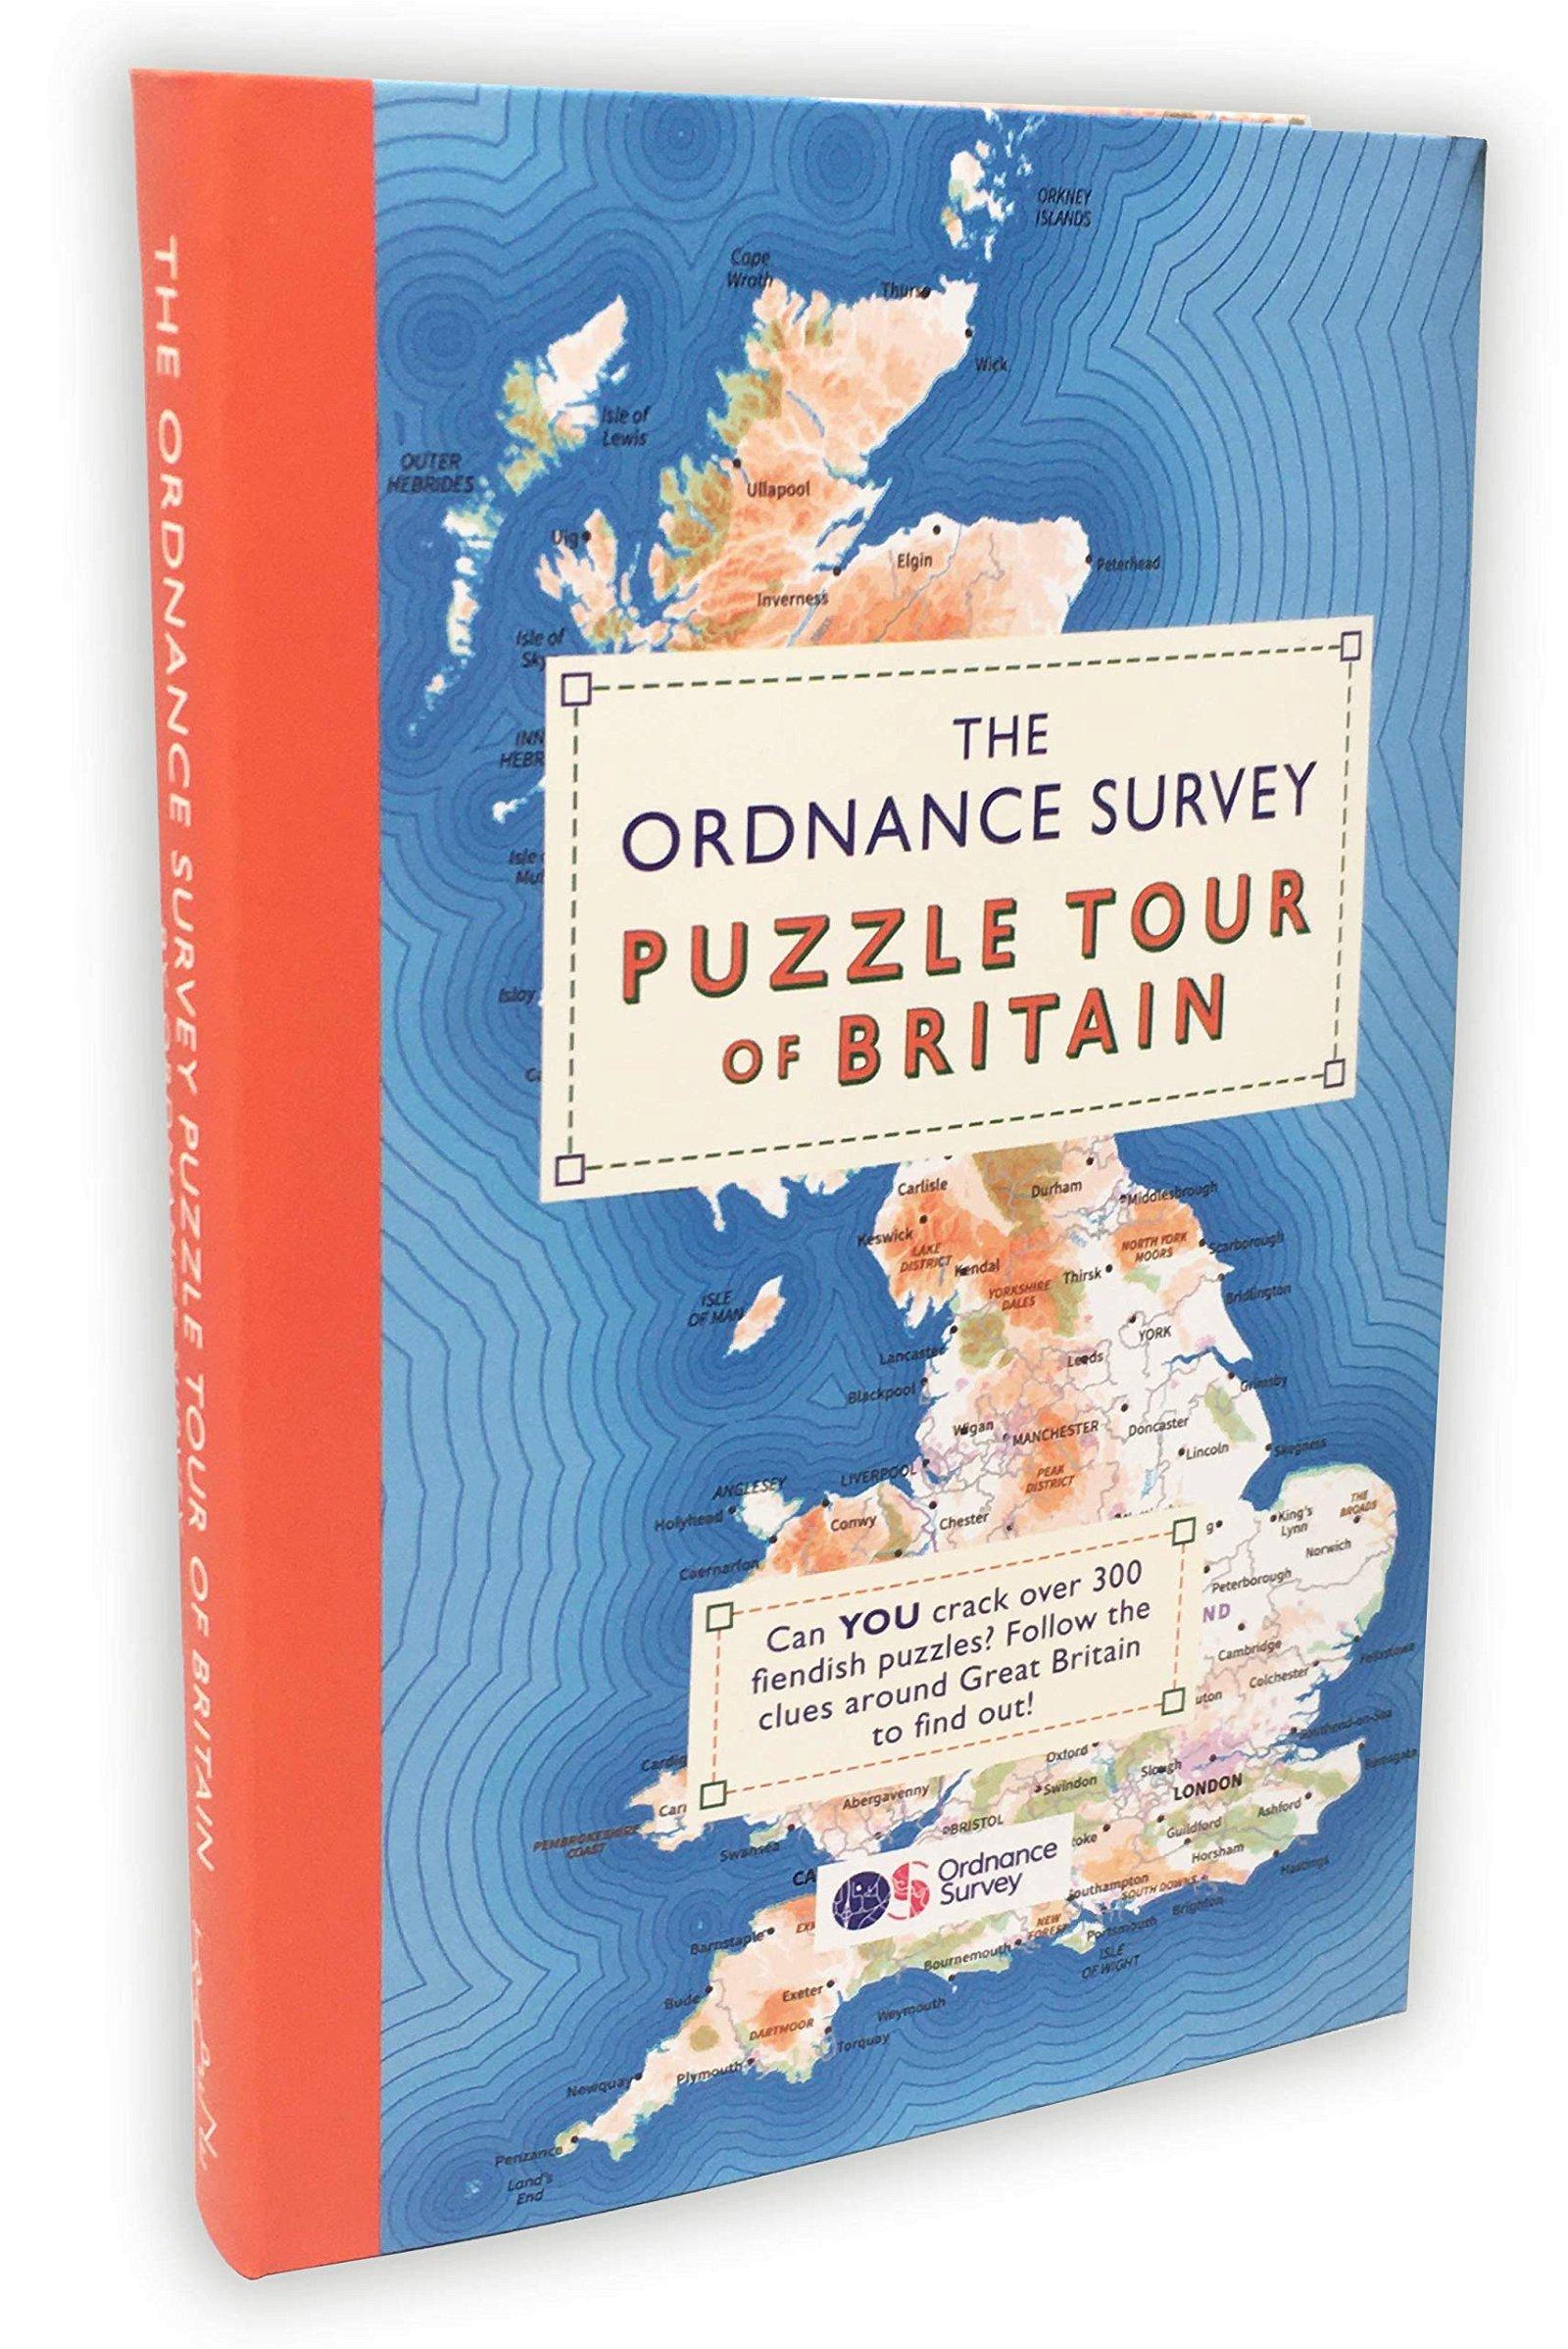 The Ordnance Survey Puzzle Tour of Britain 9781409184713  Ordnance Survey   Landeninformatie Groot-Brittannië